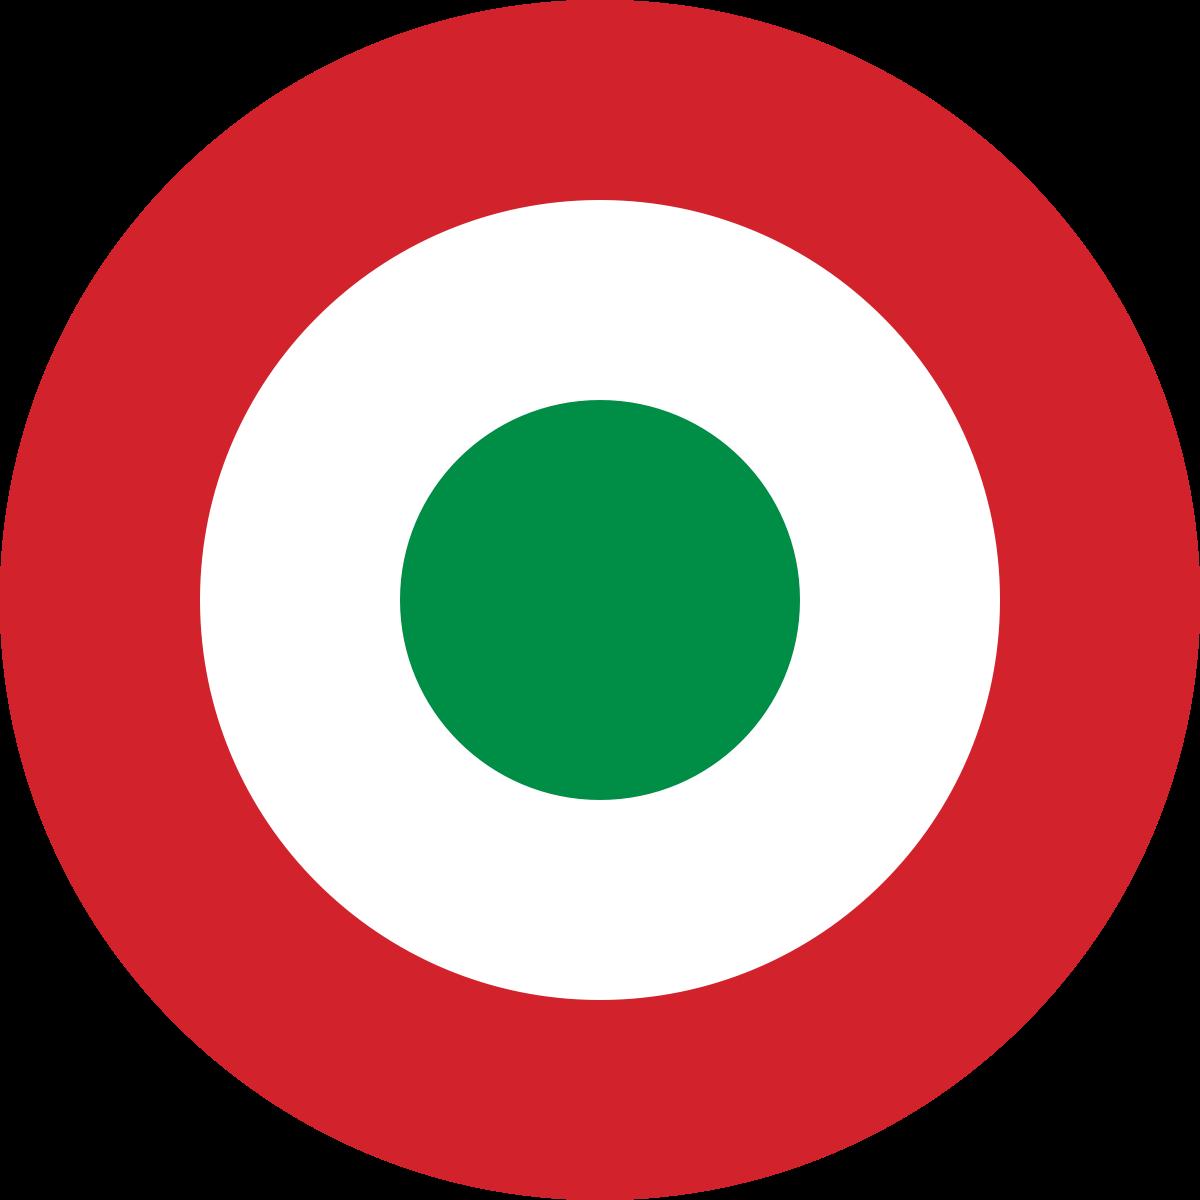 Corpo aeronautico militare wikipedia. Italy clipart boat italian